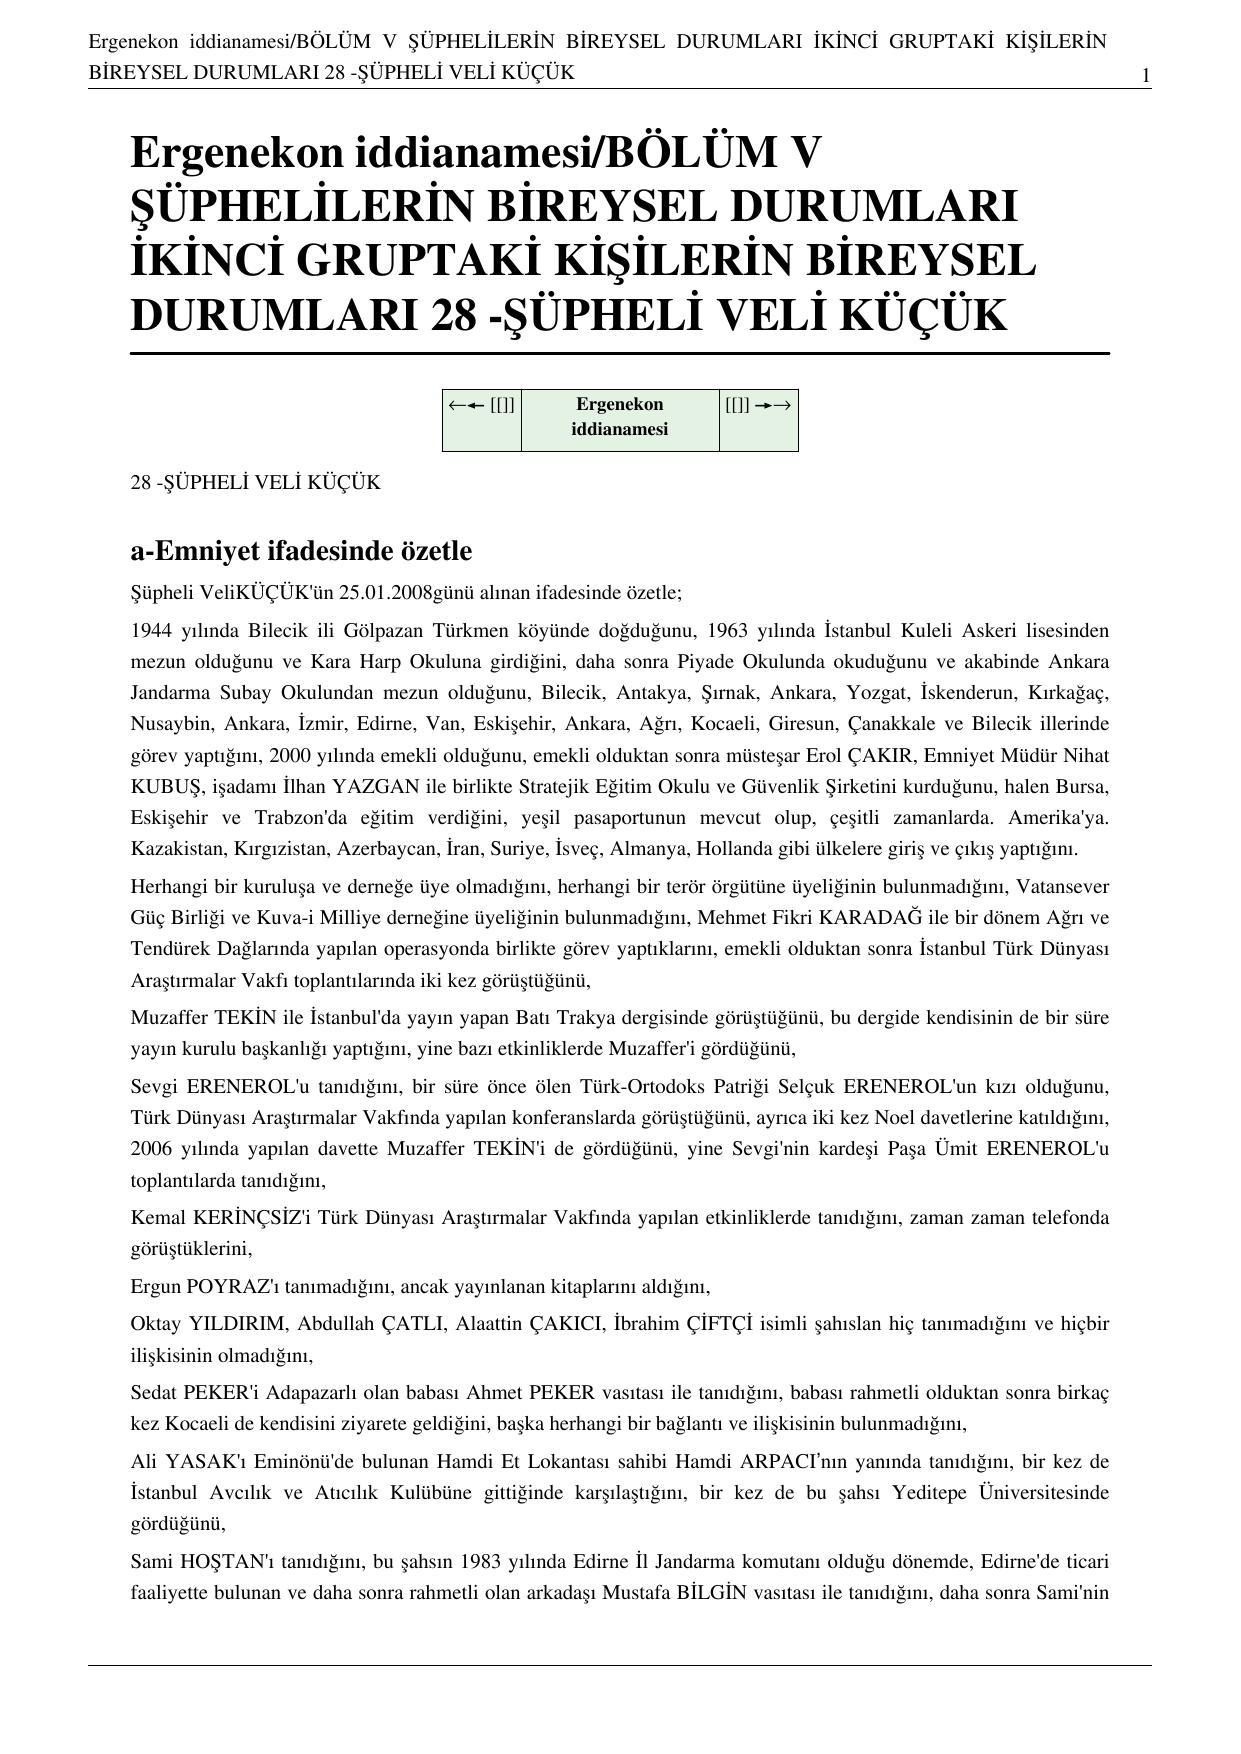 32d0a2eafcea3 Ergenekon iddianamesi/BÖLÜM V ŞÜPHELİLERİN BİREYSEL